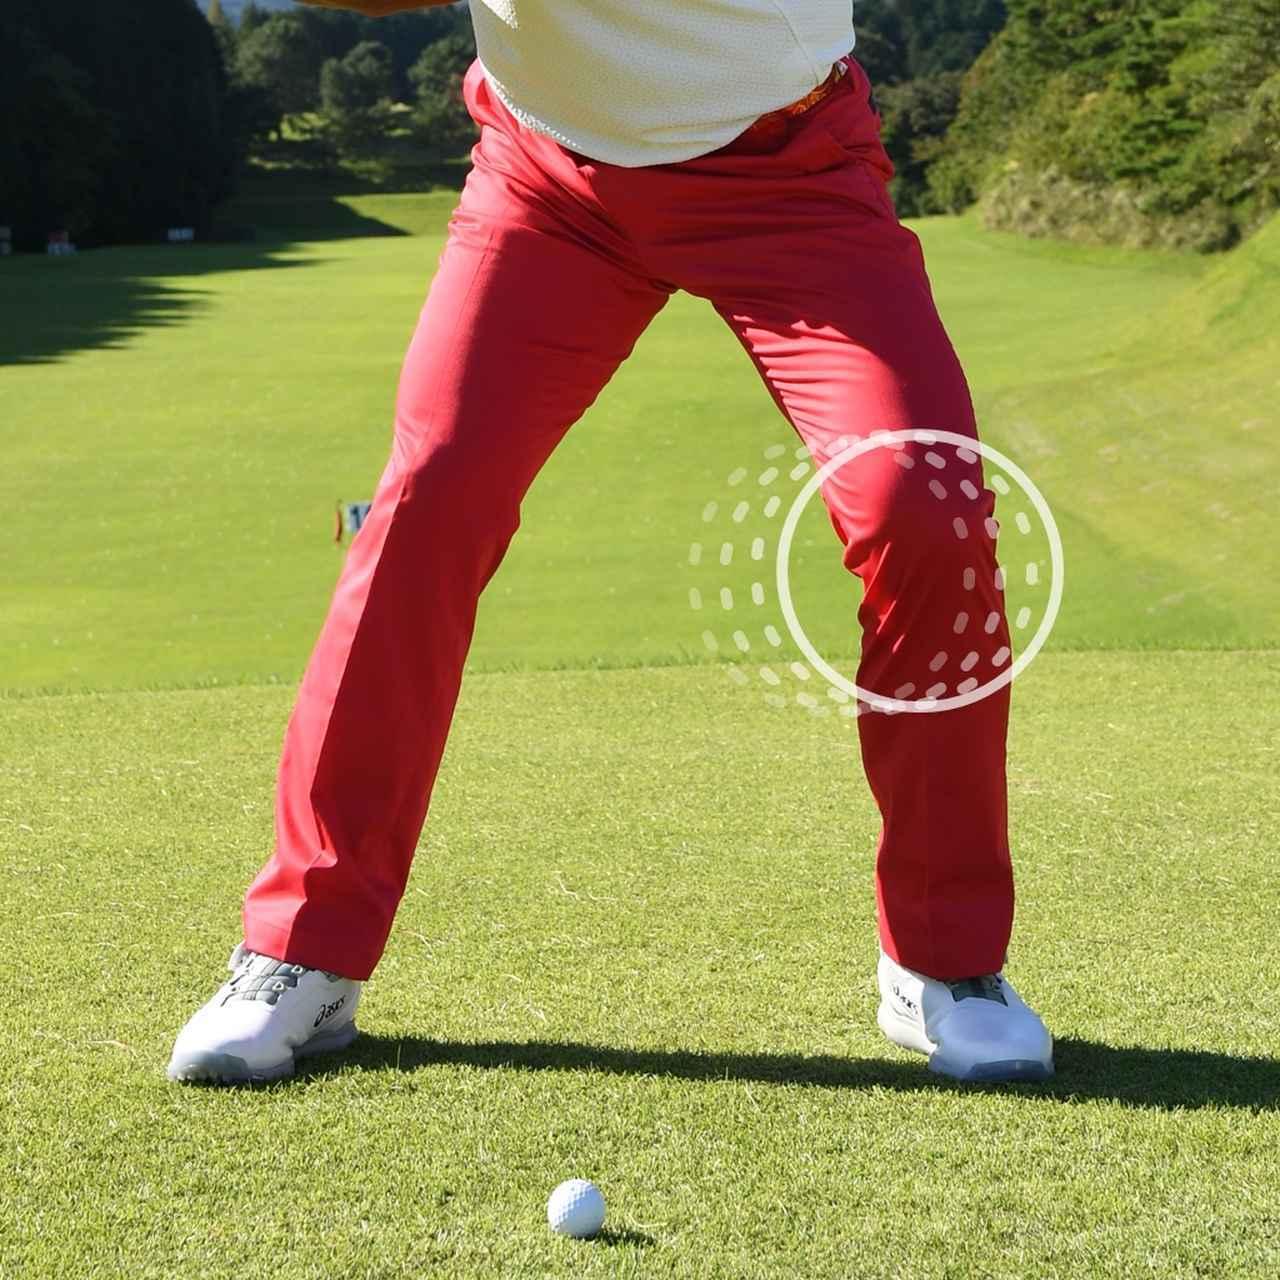 画像: 切り返しで左ひざを外側に向けることで、下半身から動くことができる。下を使ったスウィングができるた め、ボールに大きな力を与えることができる